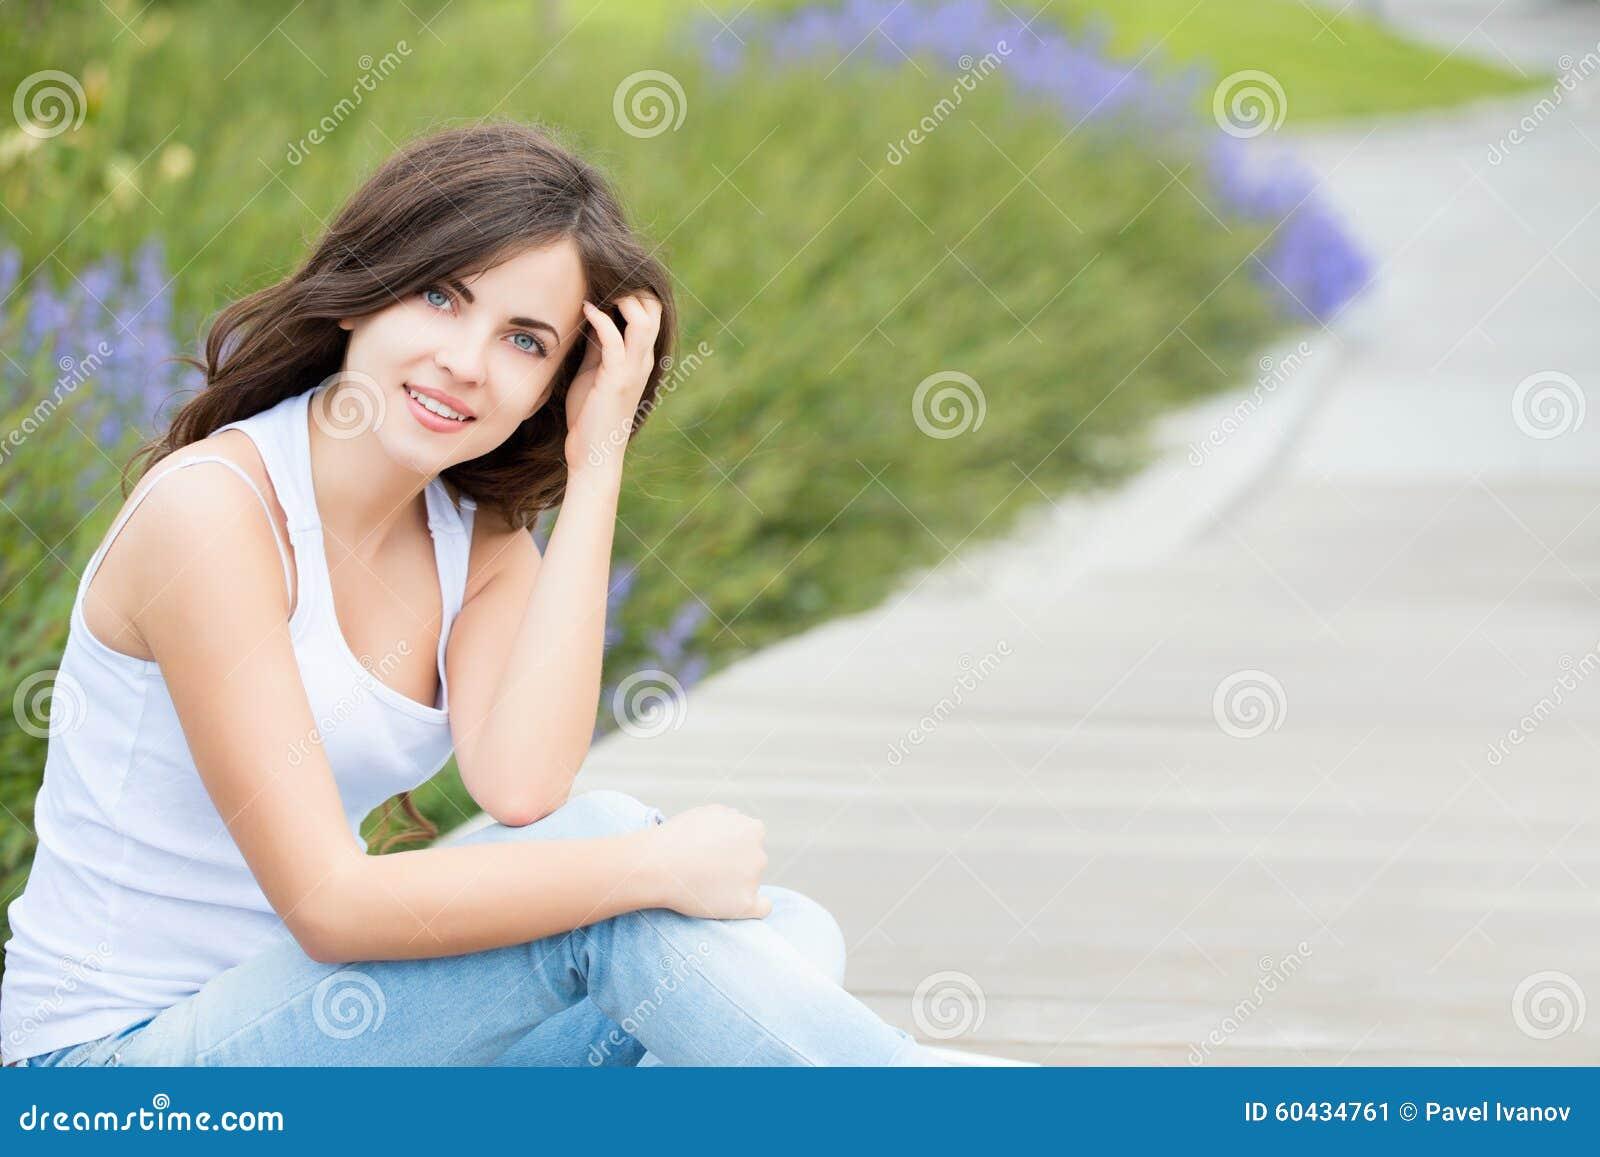 Πορτρέτο ενός όμορφου κοριτσιού σπουδαστών στο πάρκο